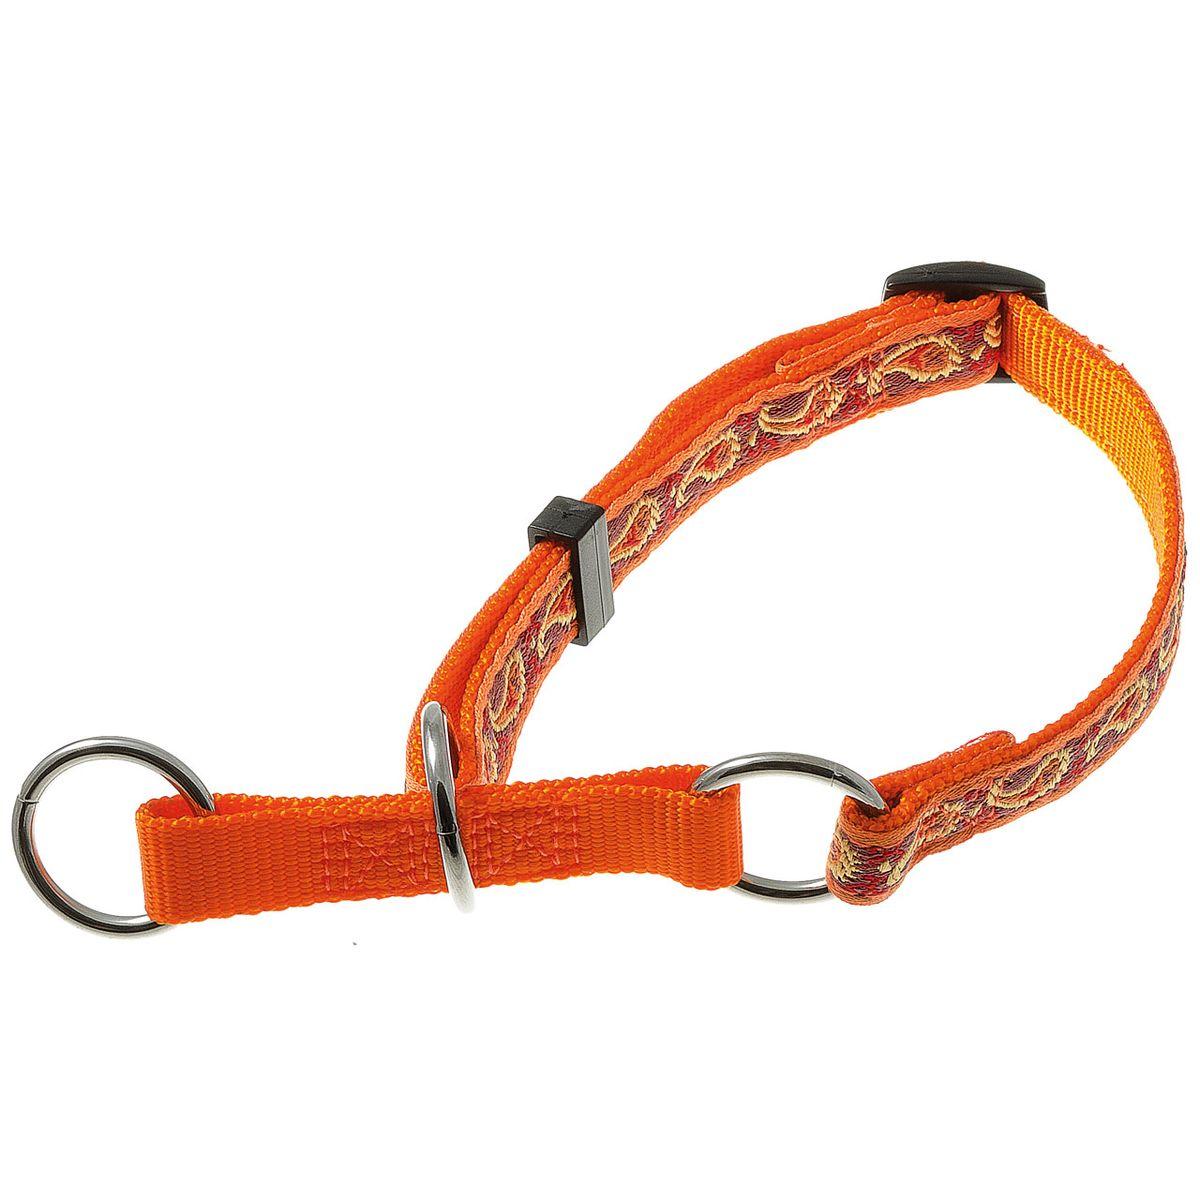 Ошейник-полуудавка регулир. (23-43 см) на 3-х кольцах (восточный стиль) (оранжевый) 15 мм75-2515